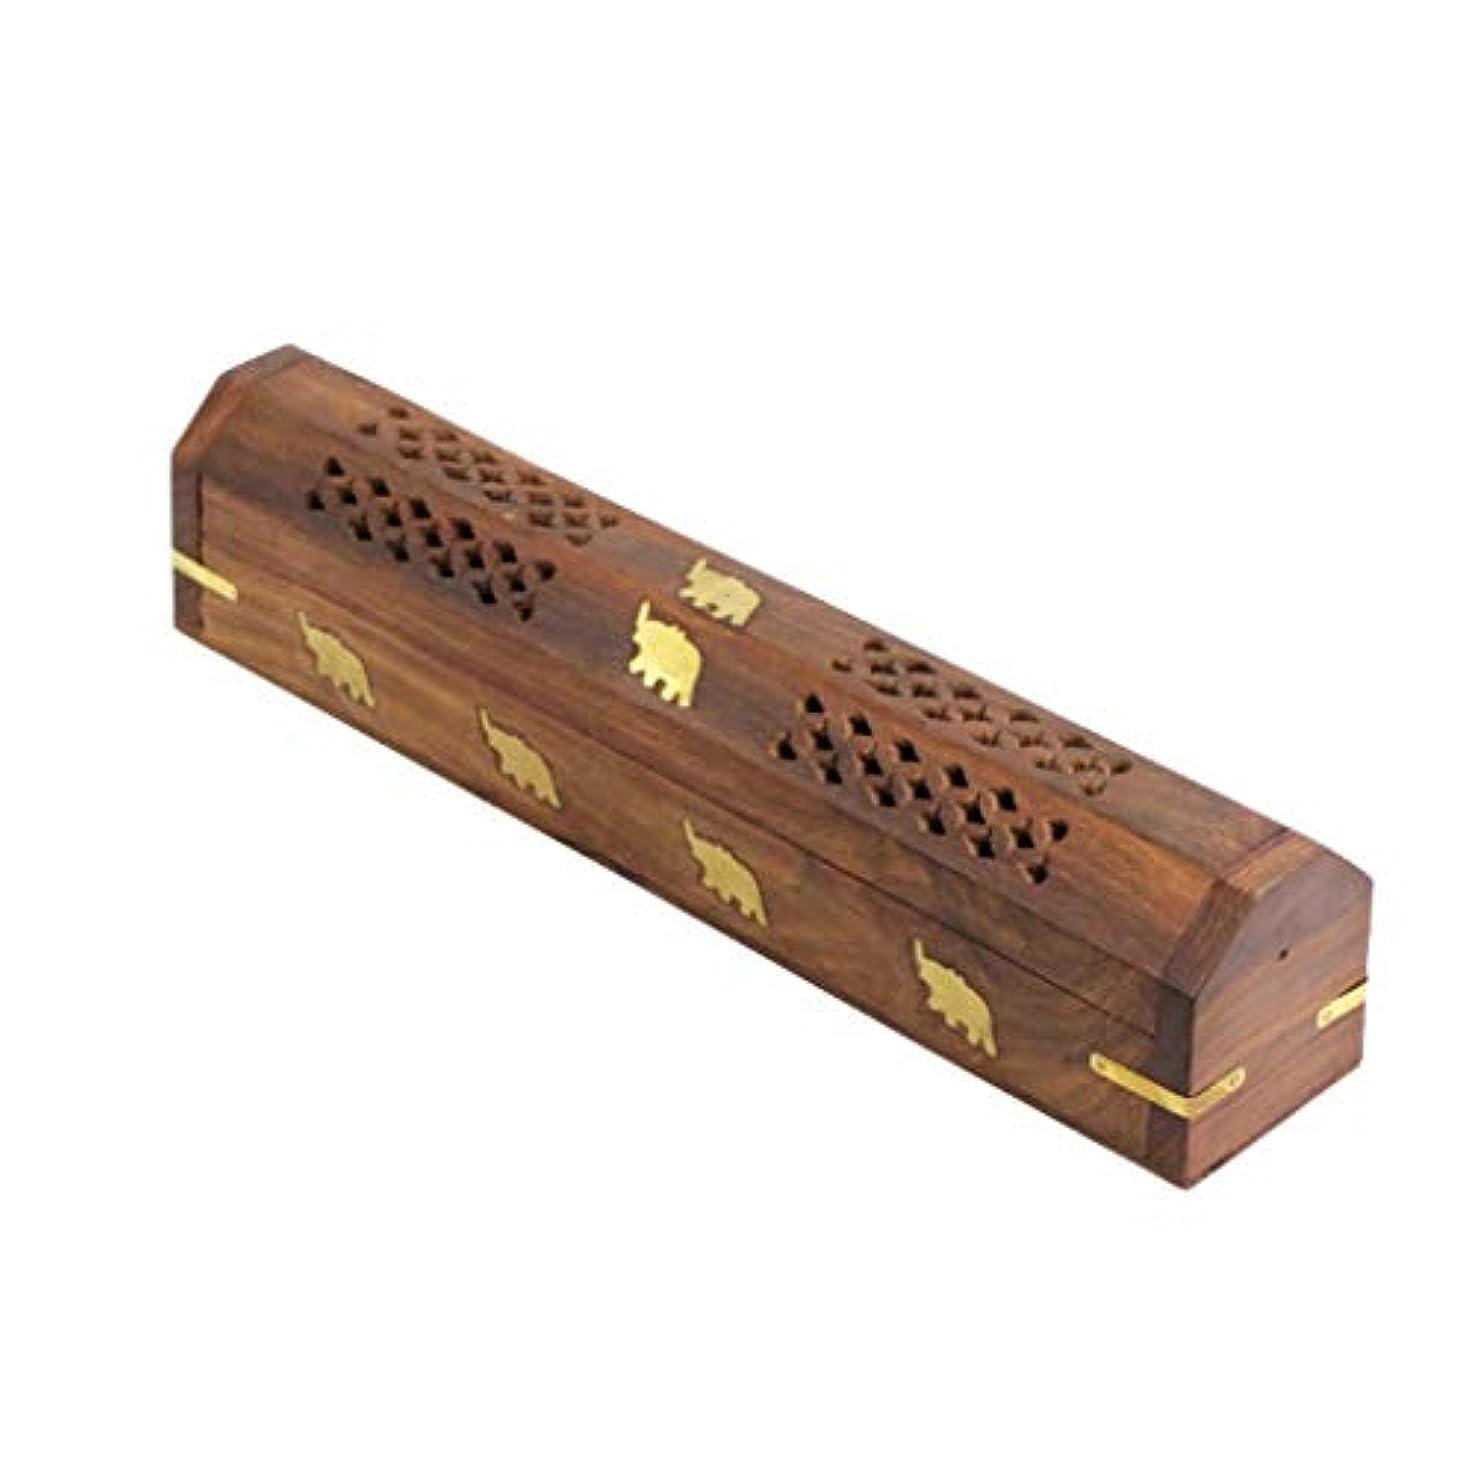 発信フロー模倣木製香ホルダーブラウン香スティックバーナーホルダーアッシュキャッチャーホームフレグランス装飾品香炉 (Color : Brown, サイズ : 12*2.2*2.36inchs)